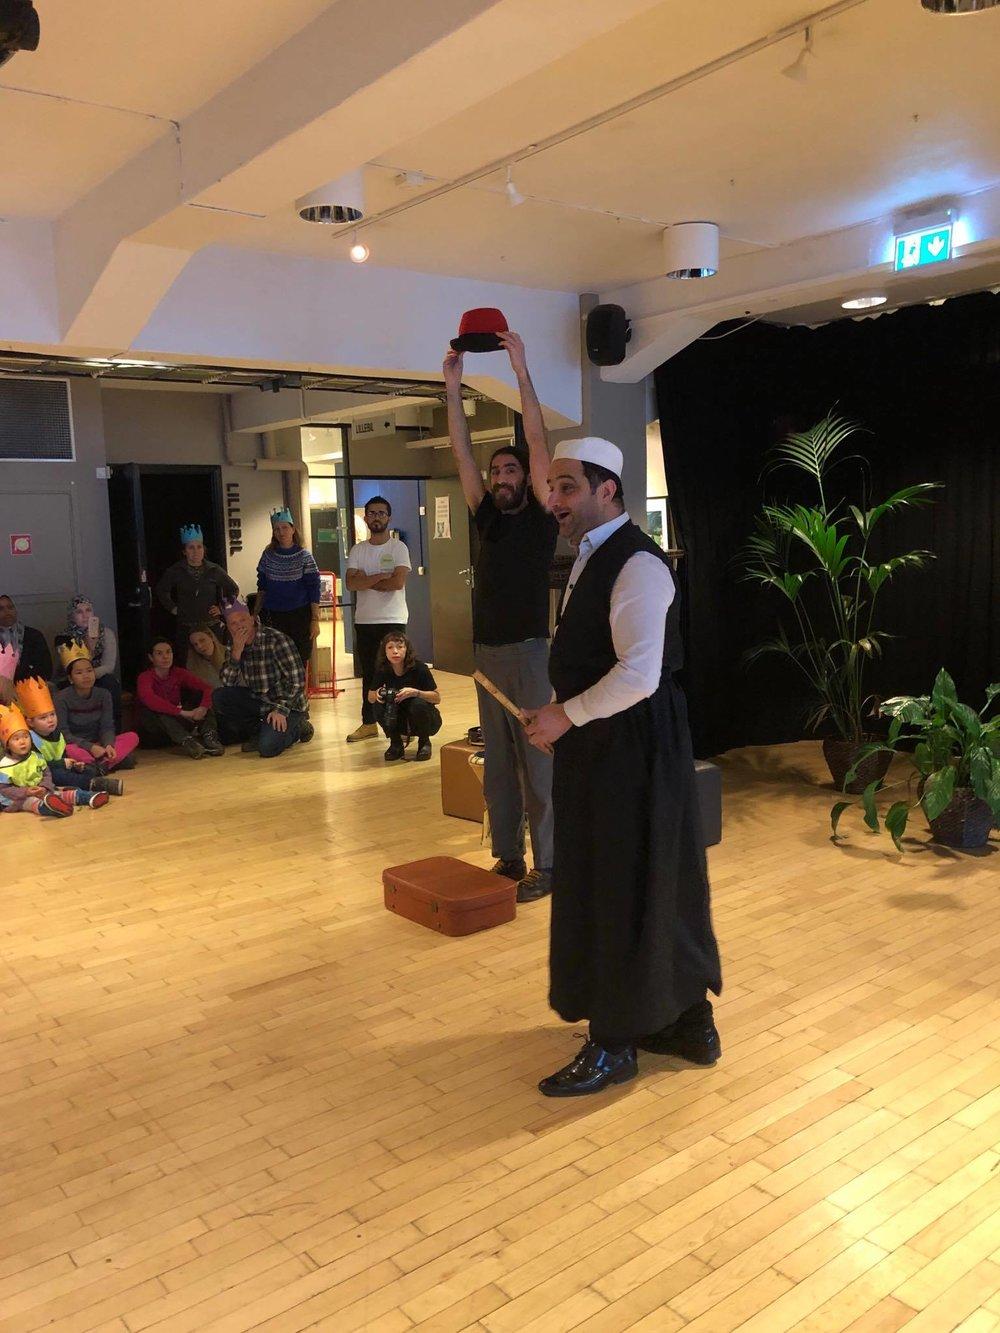 –Få ting gir mer glede enn å å underholde barn, sier Diego Belda (bak). Sammen med Saafa Al-Saadi og Linda Bottolfs stod han for et fabelaktig show under barnehagens dag.